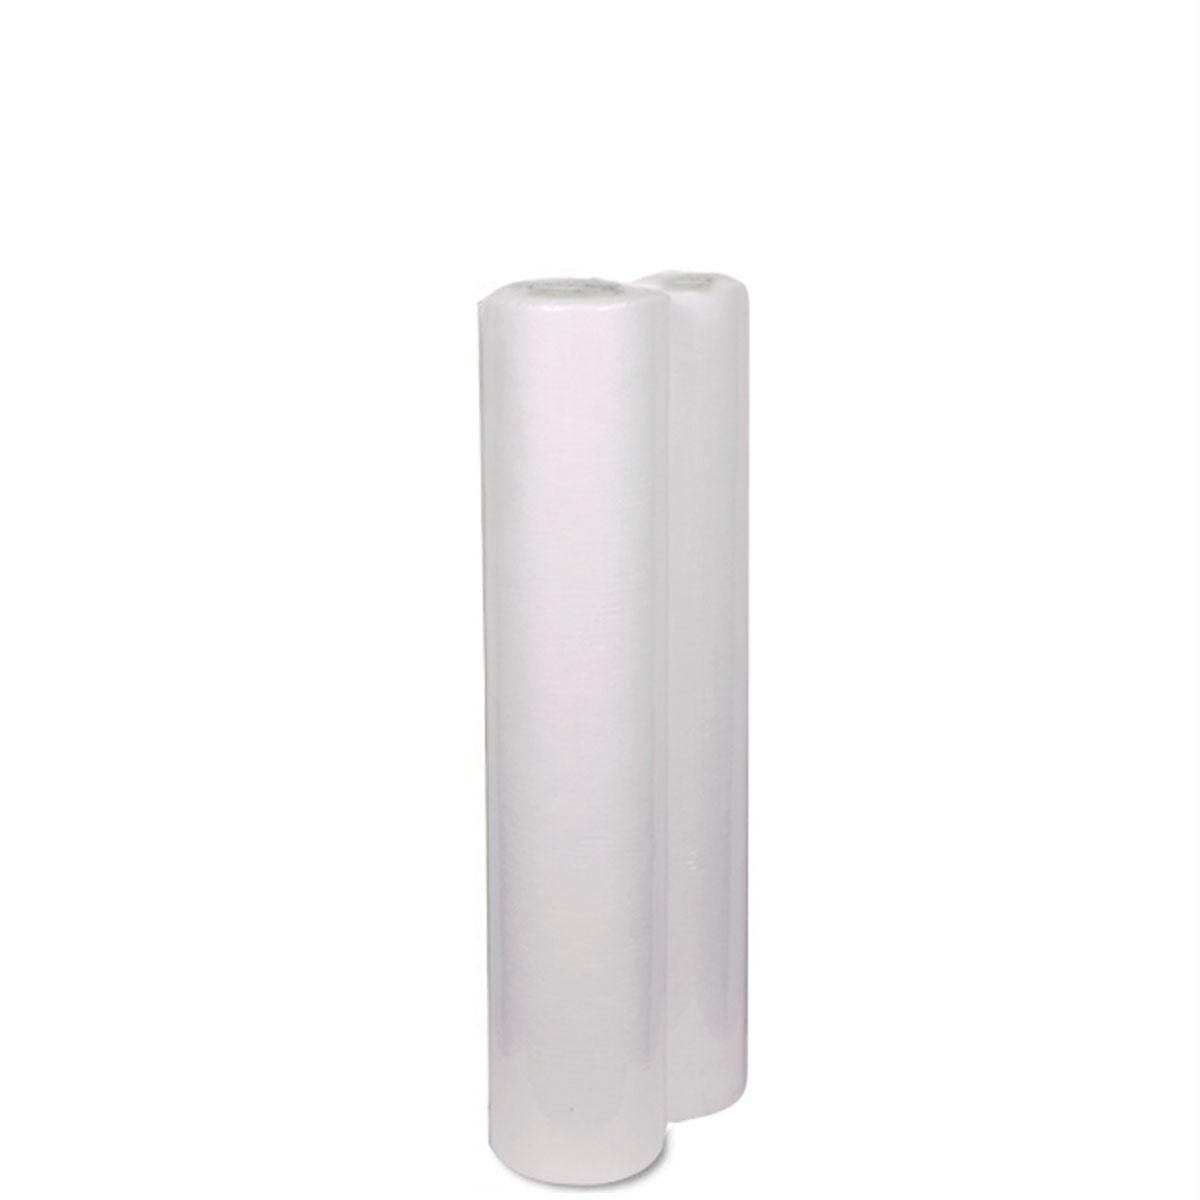 Простыни Бумажные для УЗИ 60см♦50м с перфорацией (2 рул/уп)